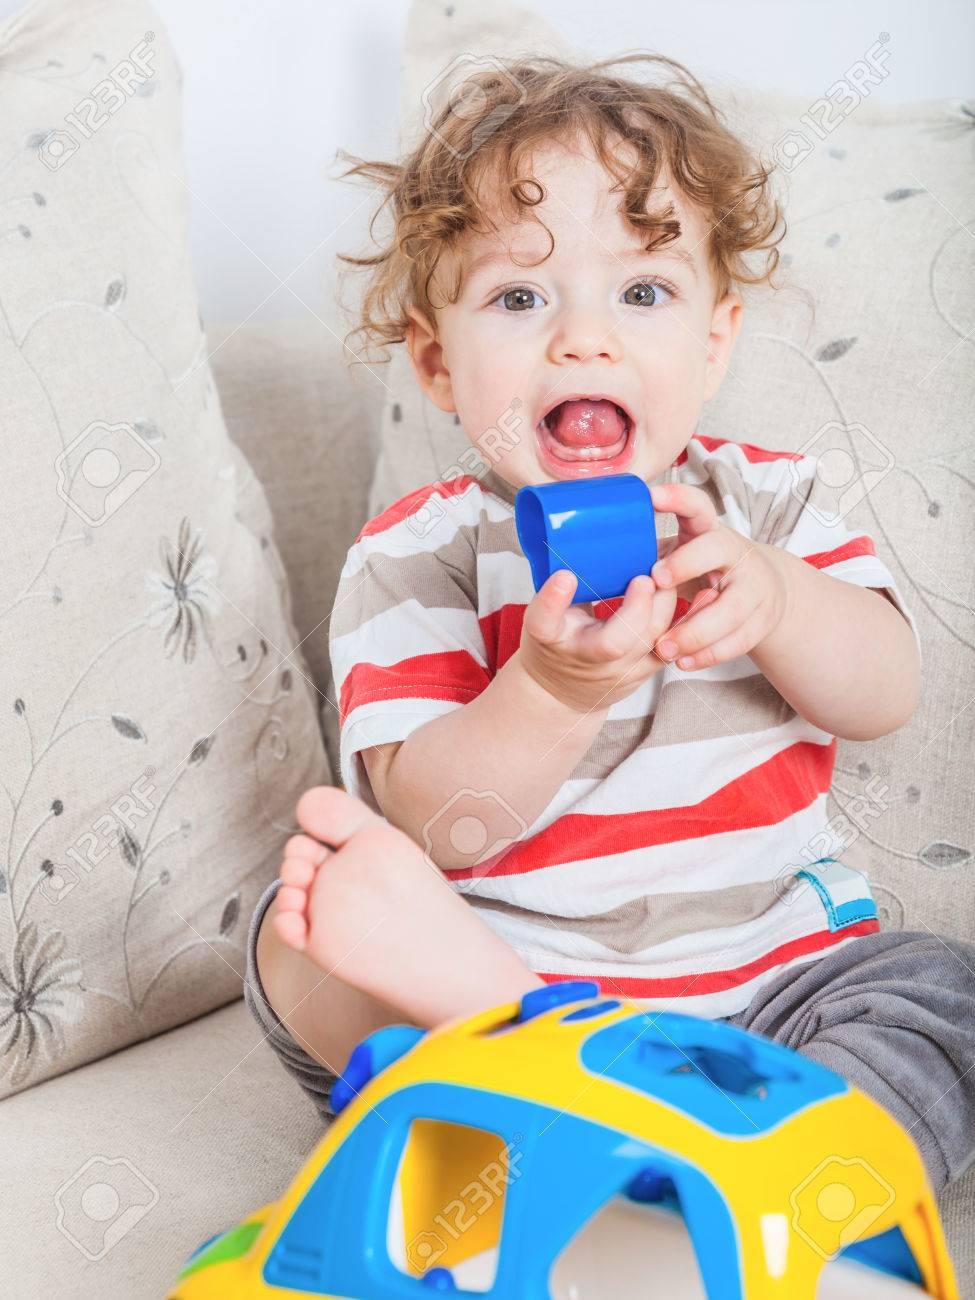 Gé De 11 Mois Jeu Portrait De Bébé Avec Une Voiture De Jouet. dedans Jeux Bebe Voiture